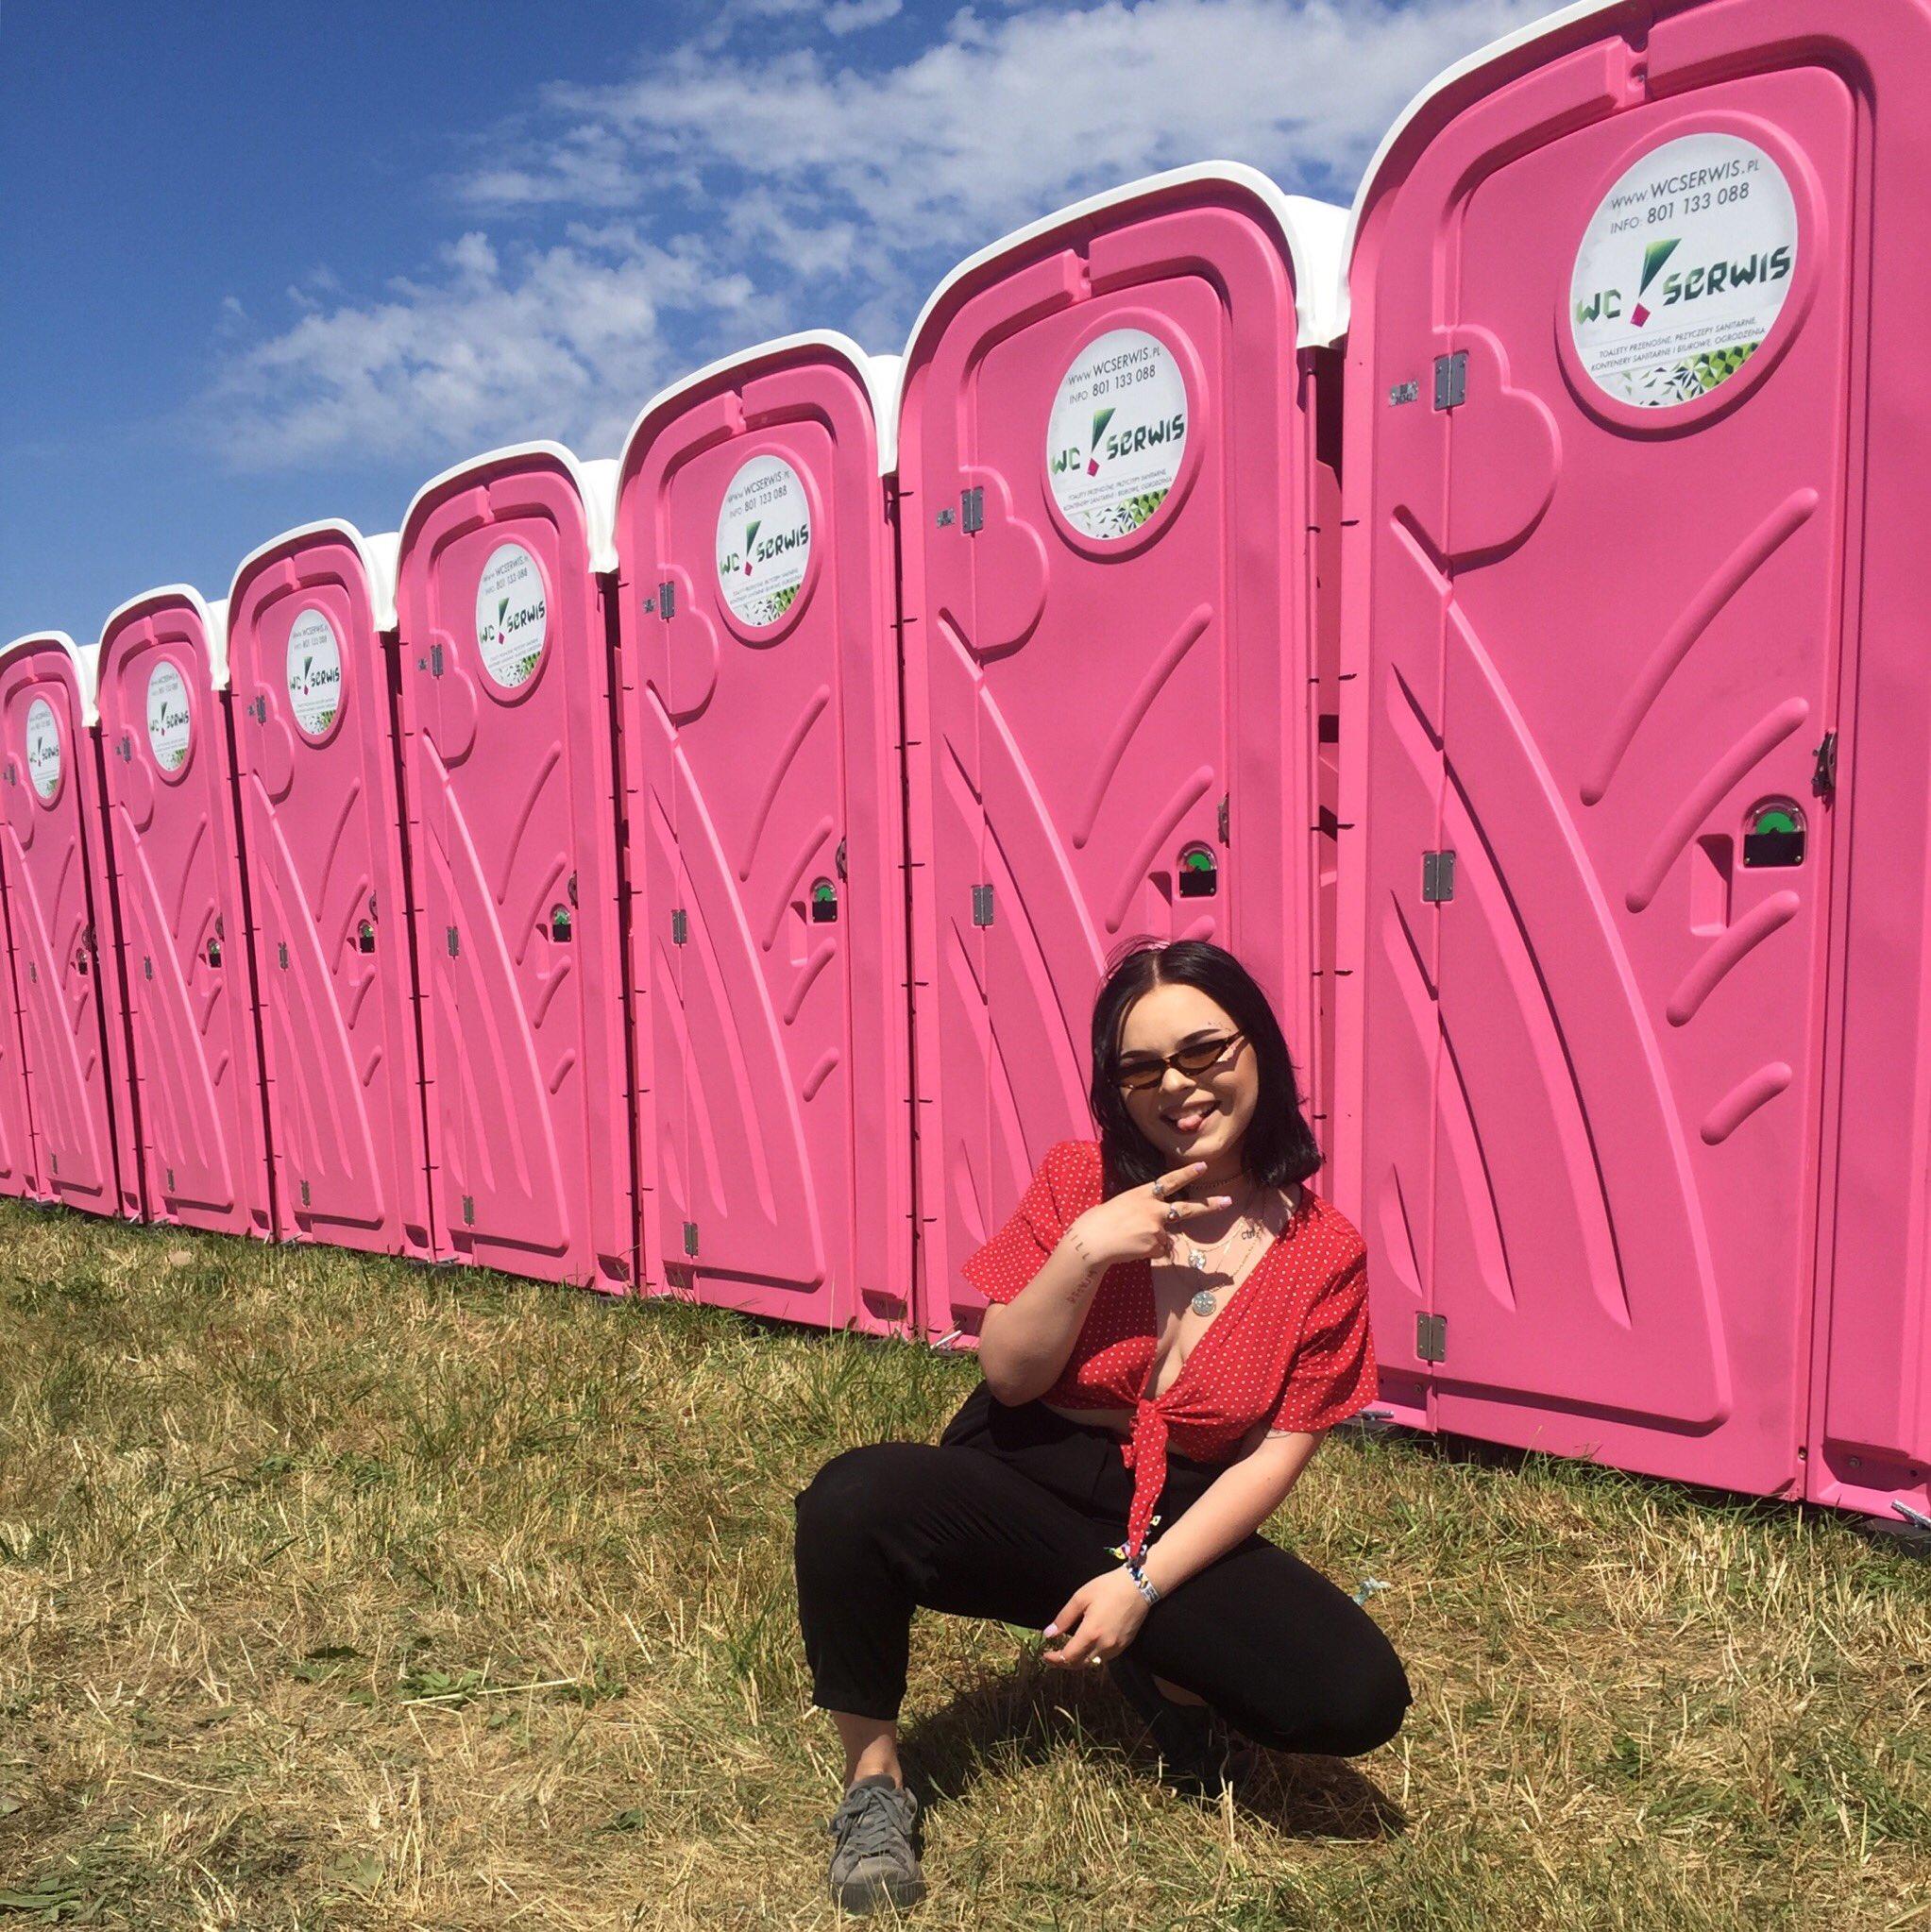 Najbardziej na openerze podobają mi się toalety https://t.co/AFjZdrVYmv